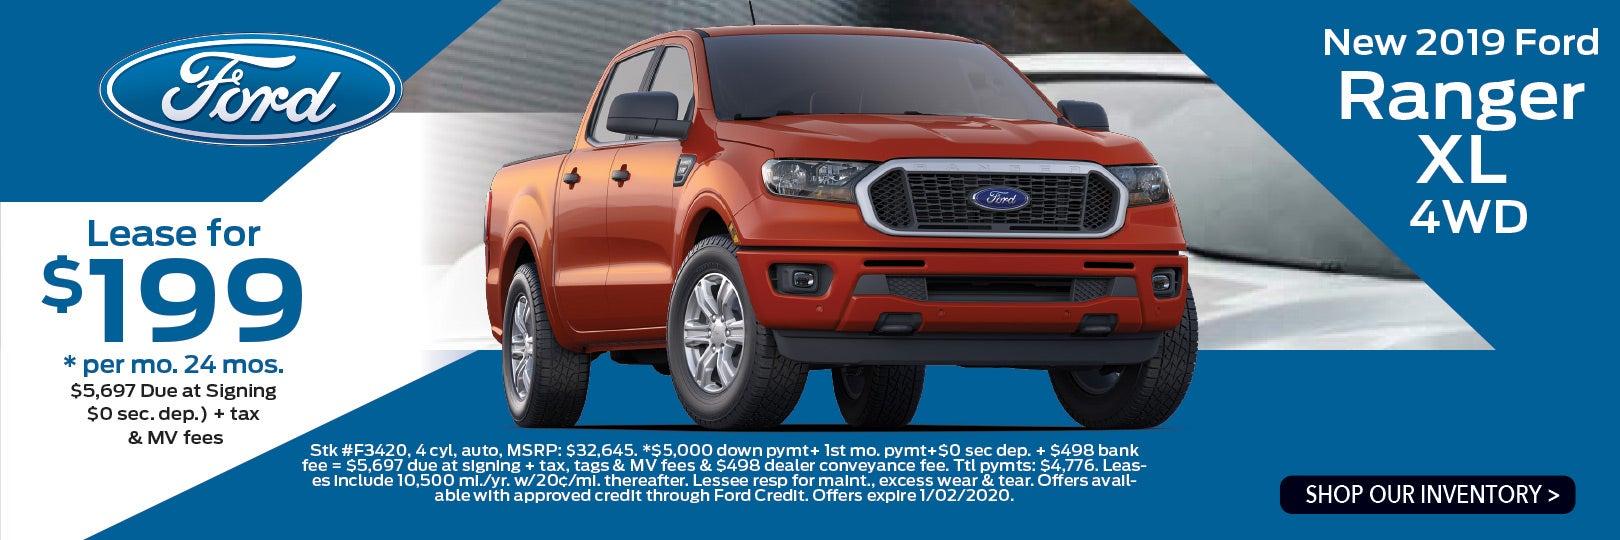 Ford Dealer in Putnam, CT | Used Cars Putnam | Putnam Ford, Inc